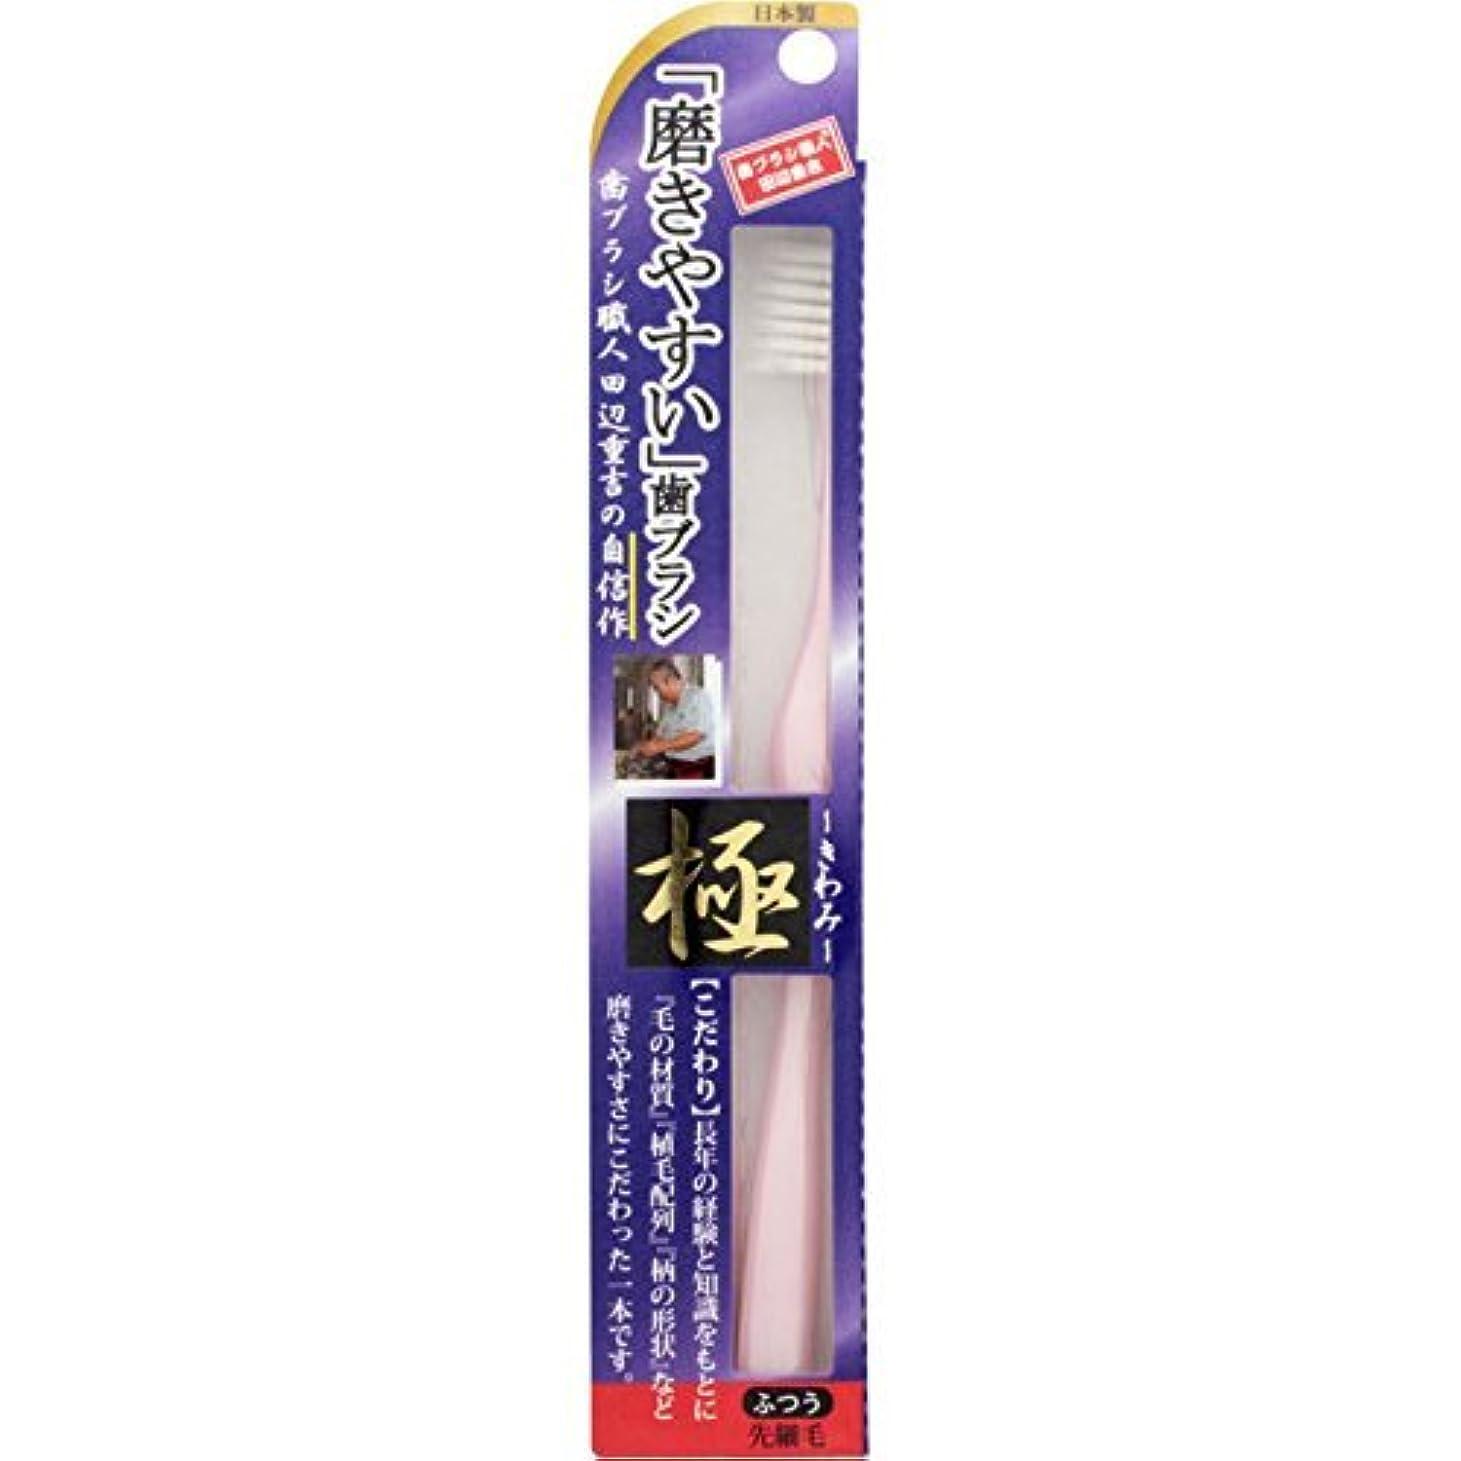 私たち自身不安定な潜在的な【まとめ買い】磨きやすい歯ブラシ 極 LT22 ×12個